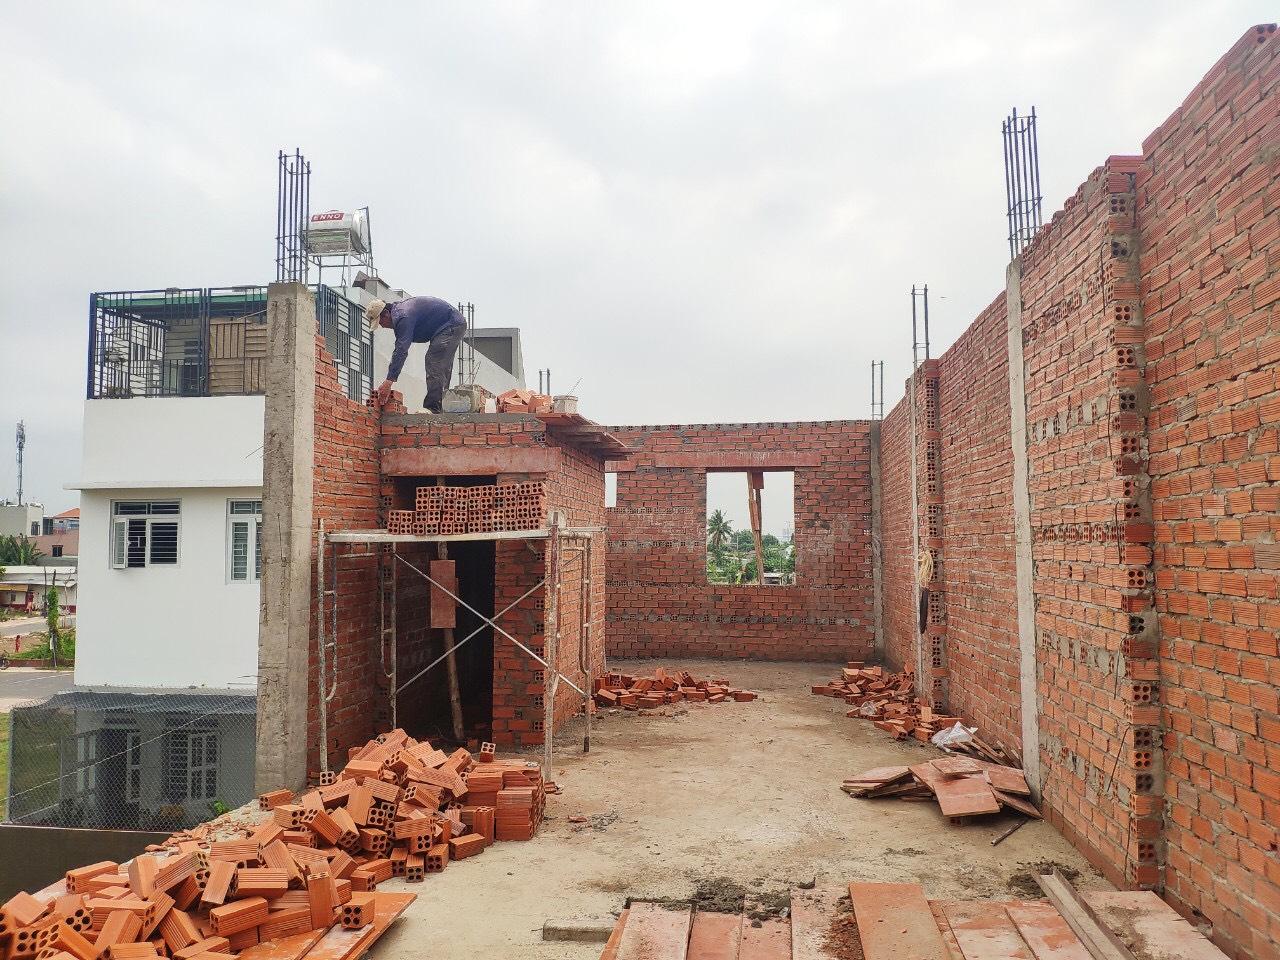 Hình ảnh thi công xây dựng công trình Biên Hòa Đồng Nai 9